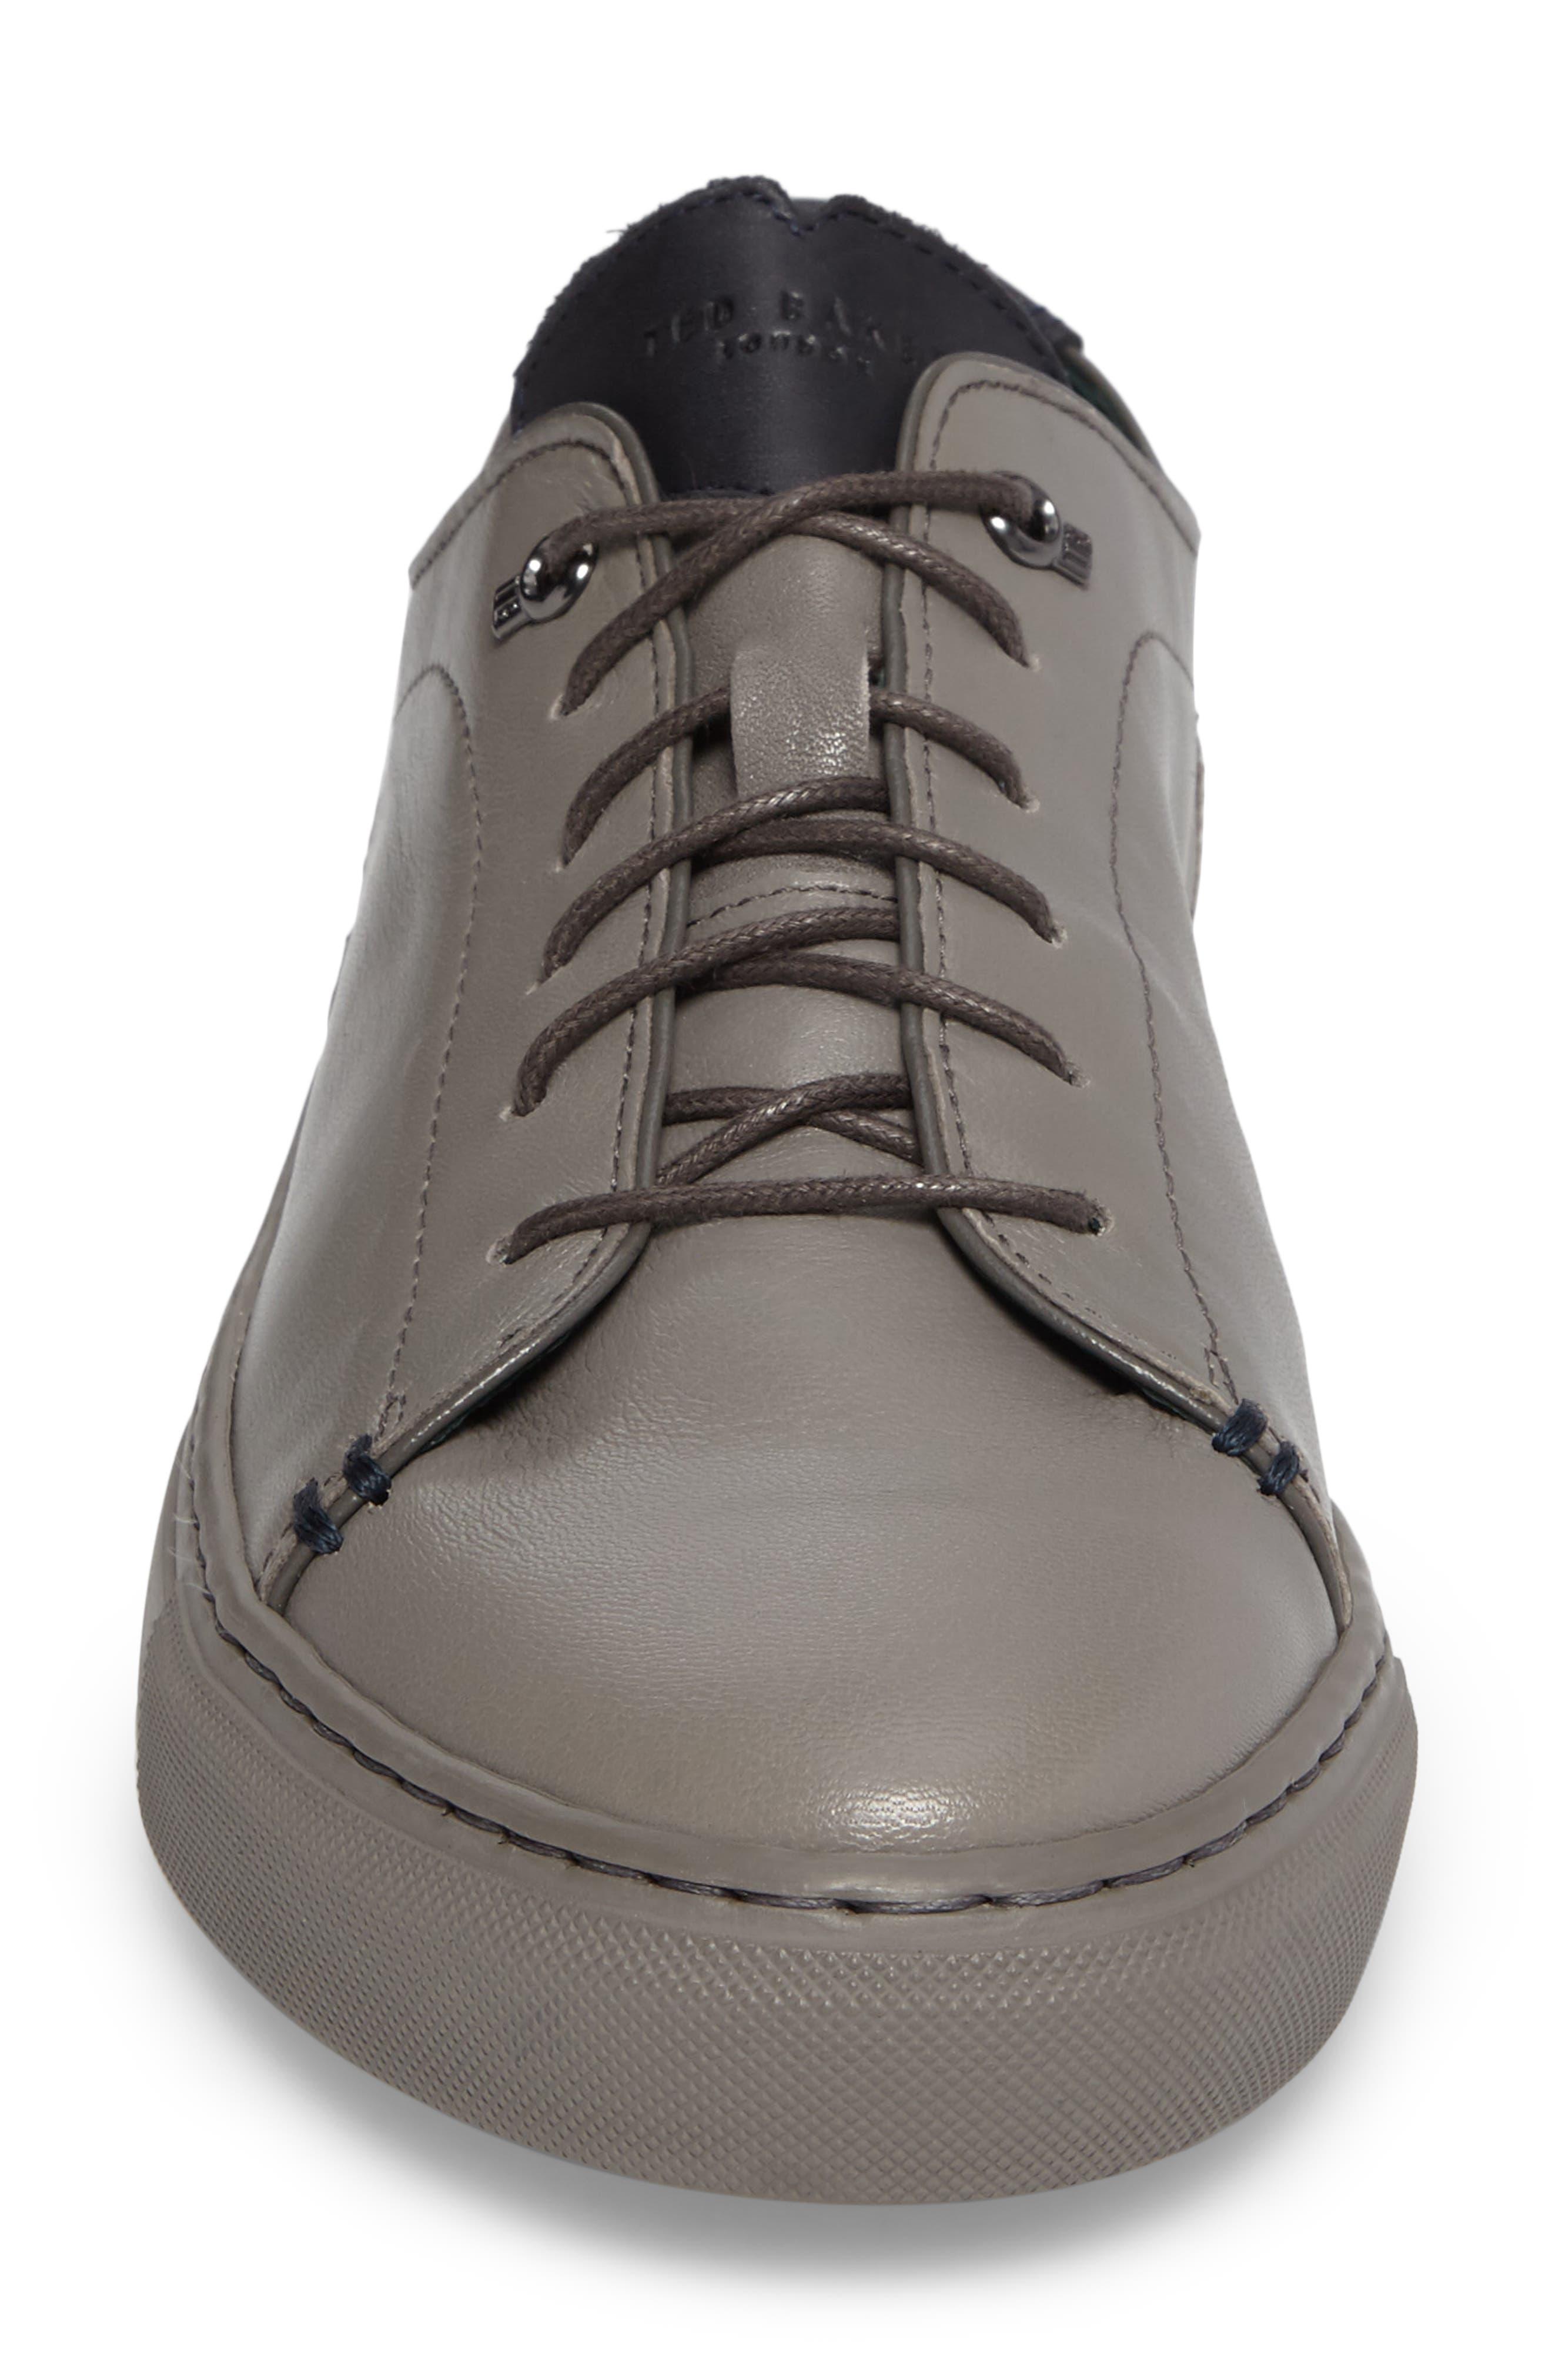 Prinnc Low Top Sneaker,                             Alternate thumbnail 4, color,                             028